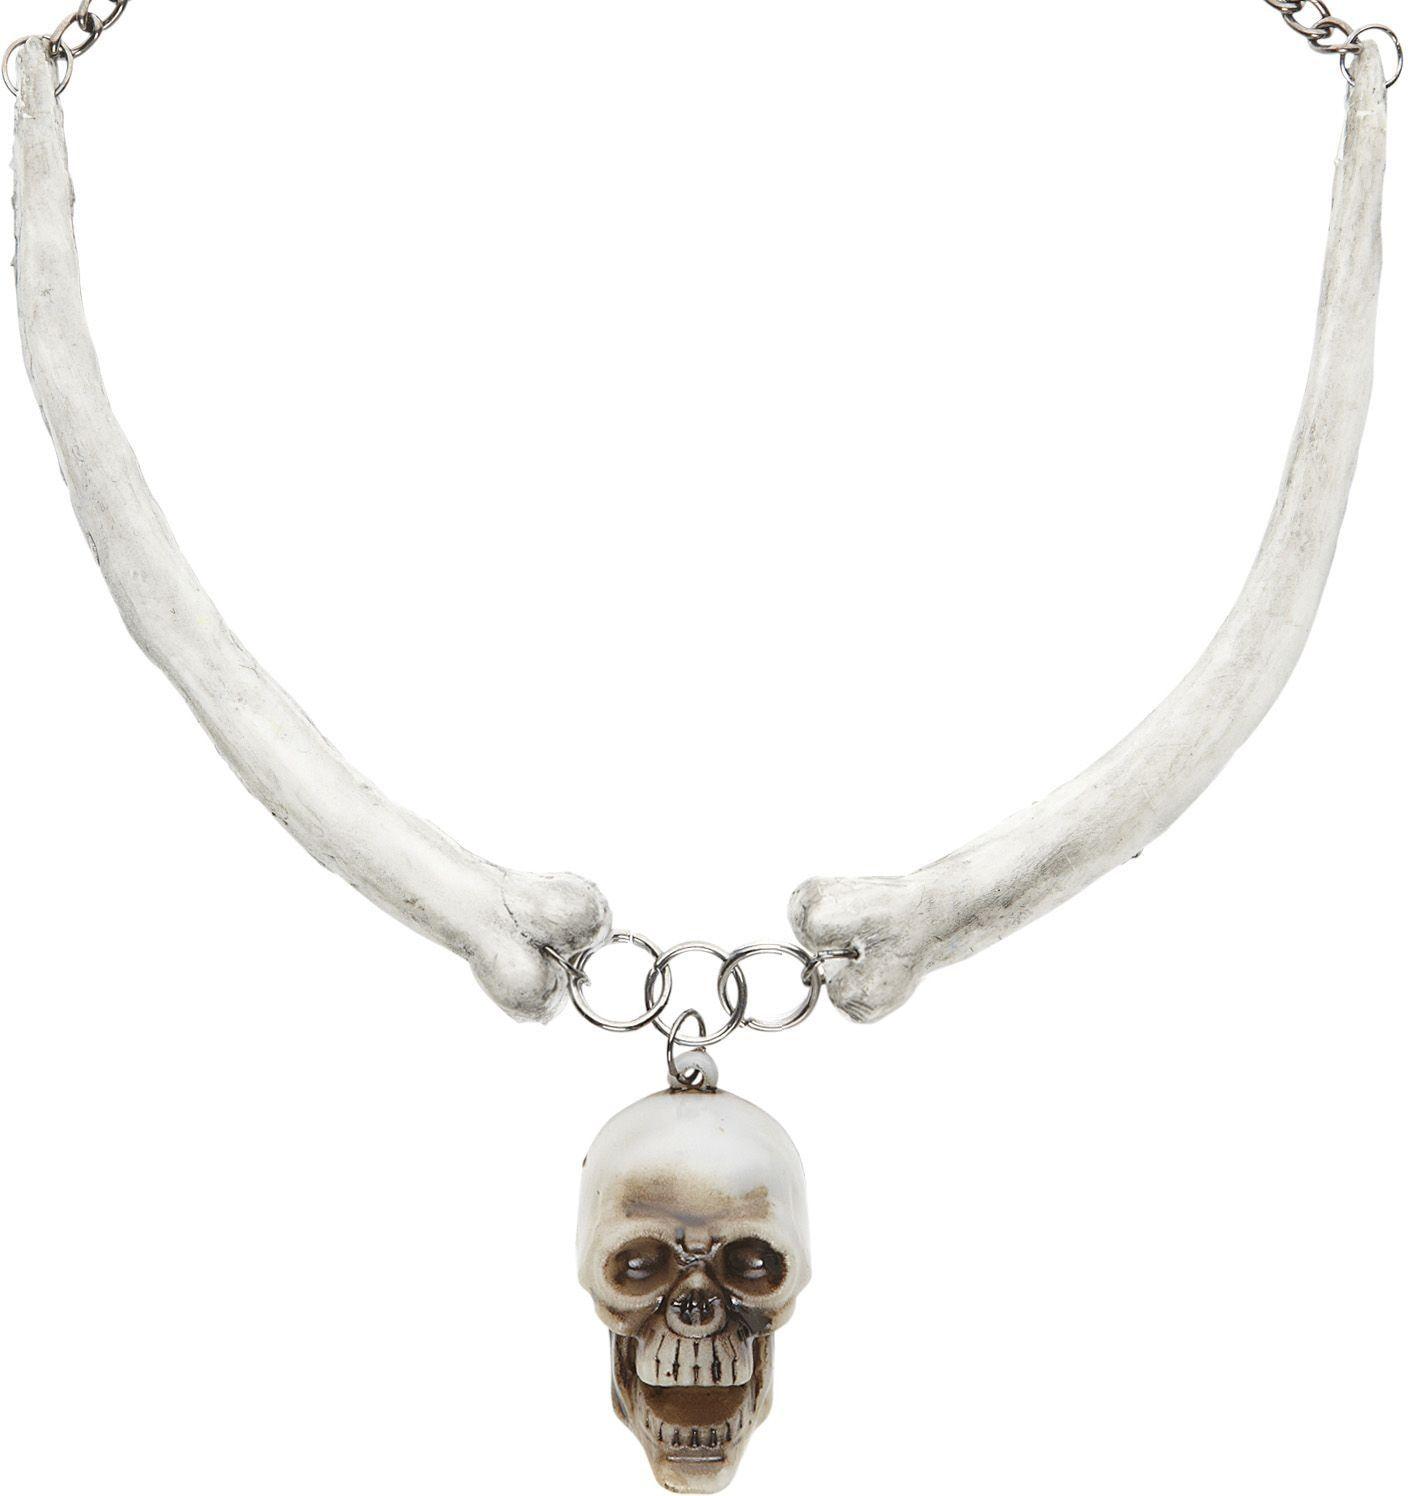 Halsketting met schedel en botten